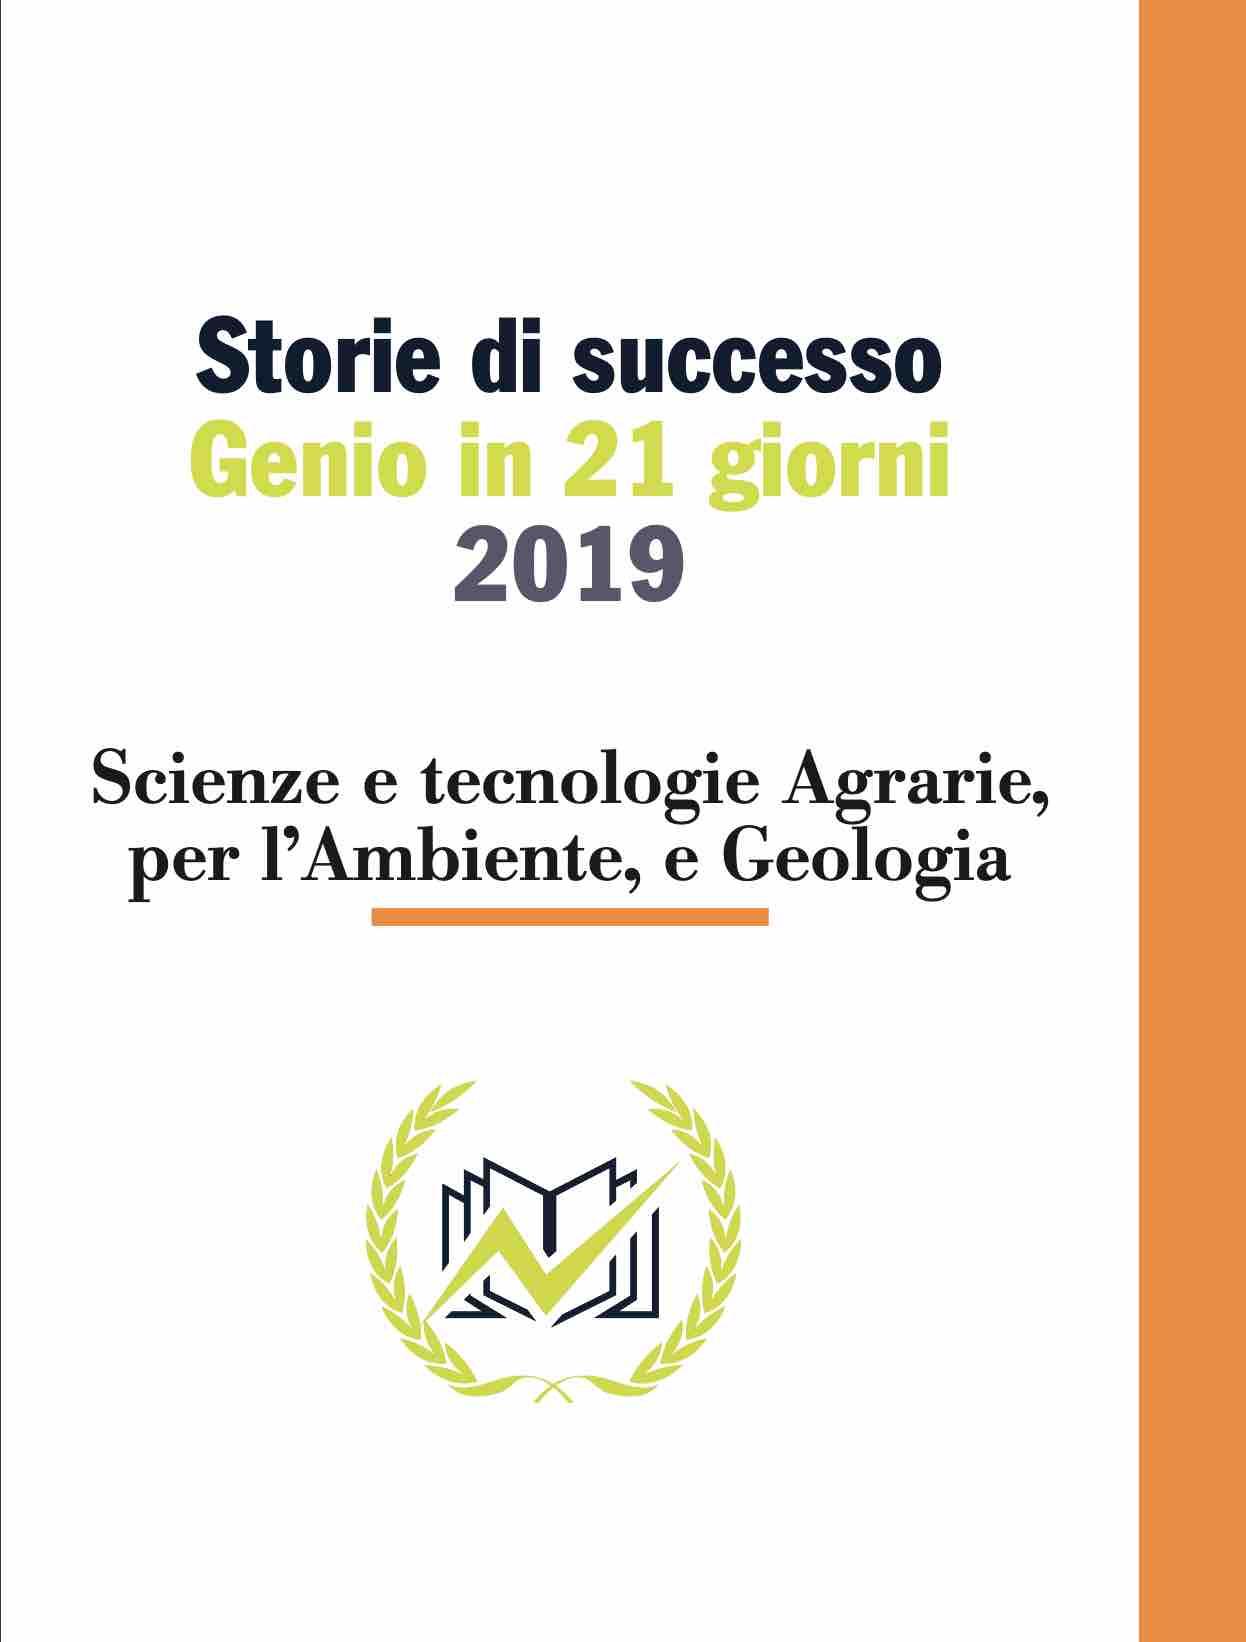 Testimonianze Genio in 21 Giorni Scienze e tecnologie Agrarie, per l'Ambiente e Geologia